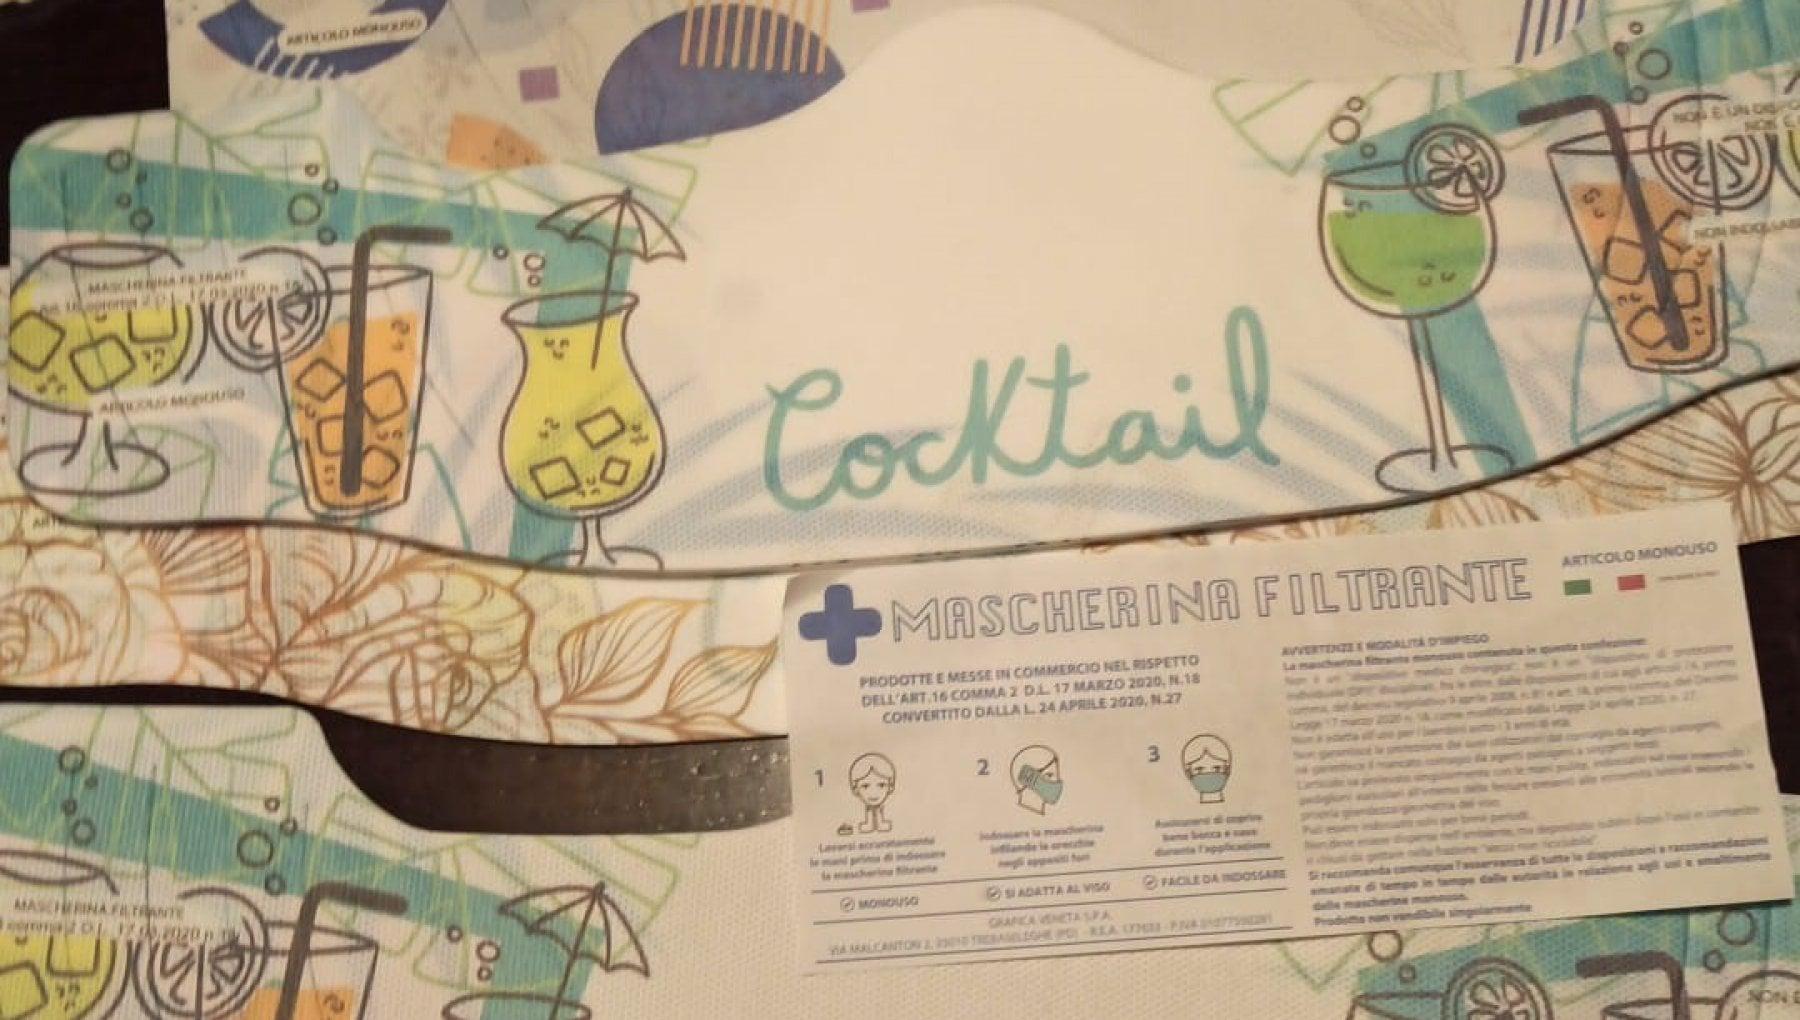 Treviso polemica per le mascherine cocktail distribuite dalla Protezione civile